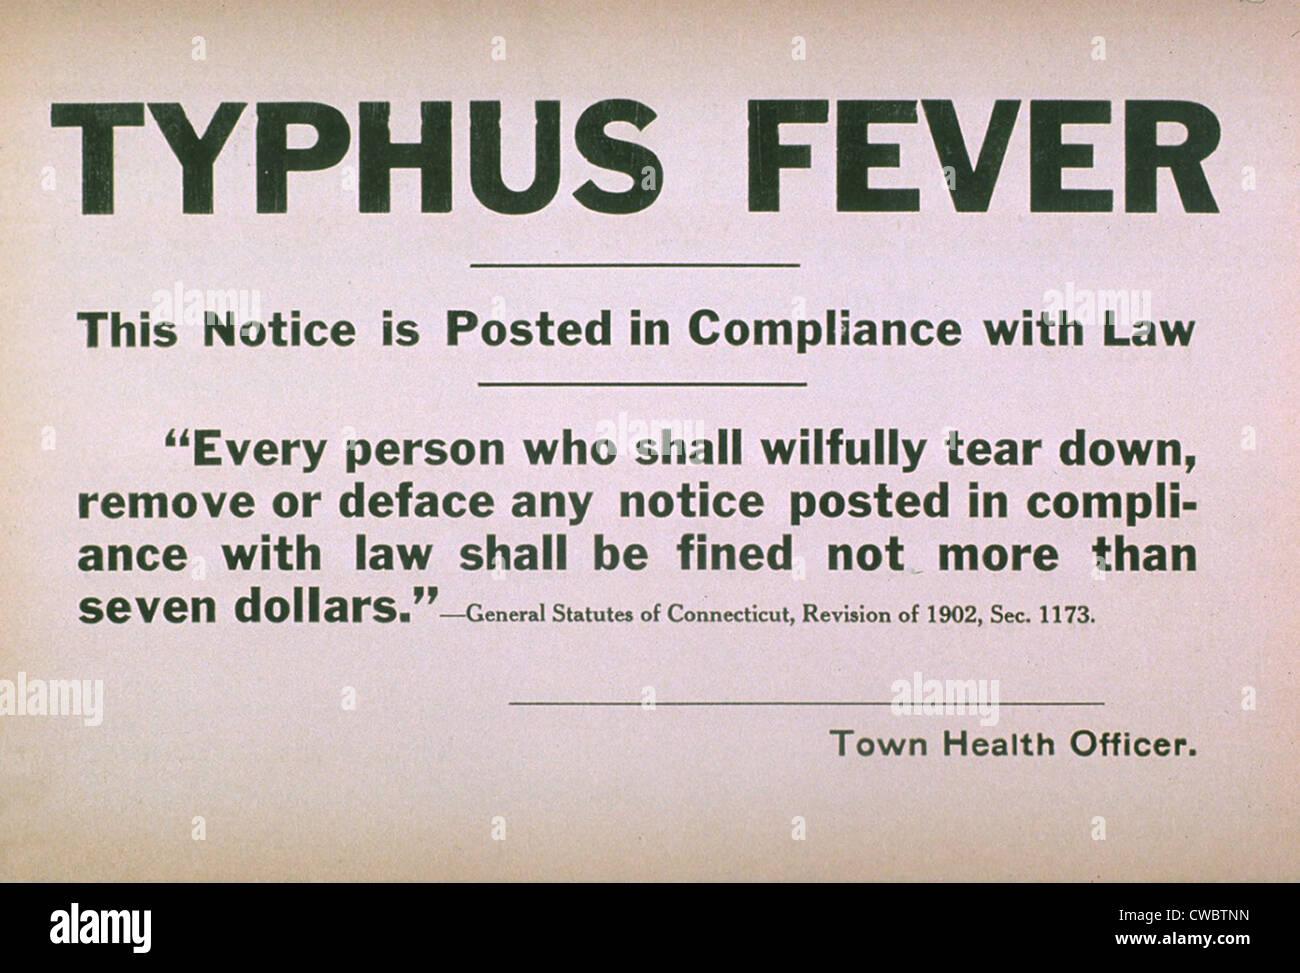 Au début du xxe siècle pour le signe de quarantaine contagieuse fièvre typhus. Photo Stock